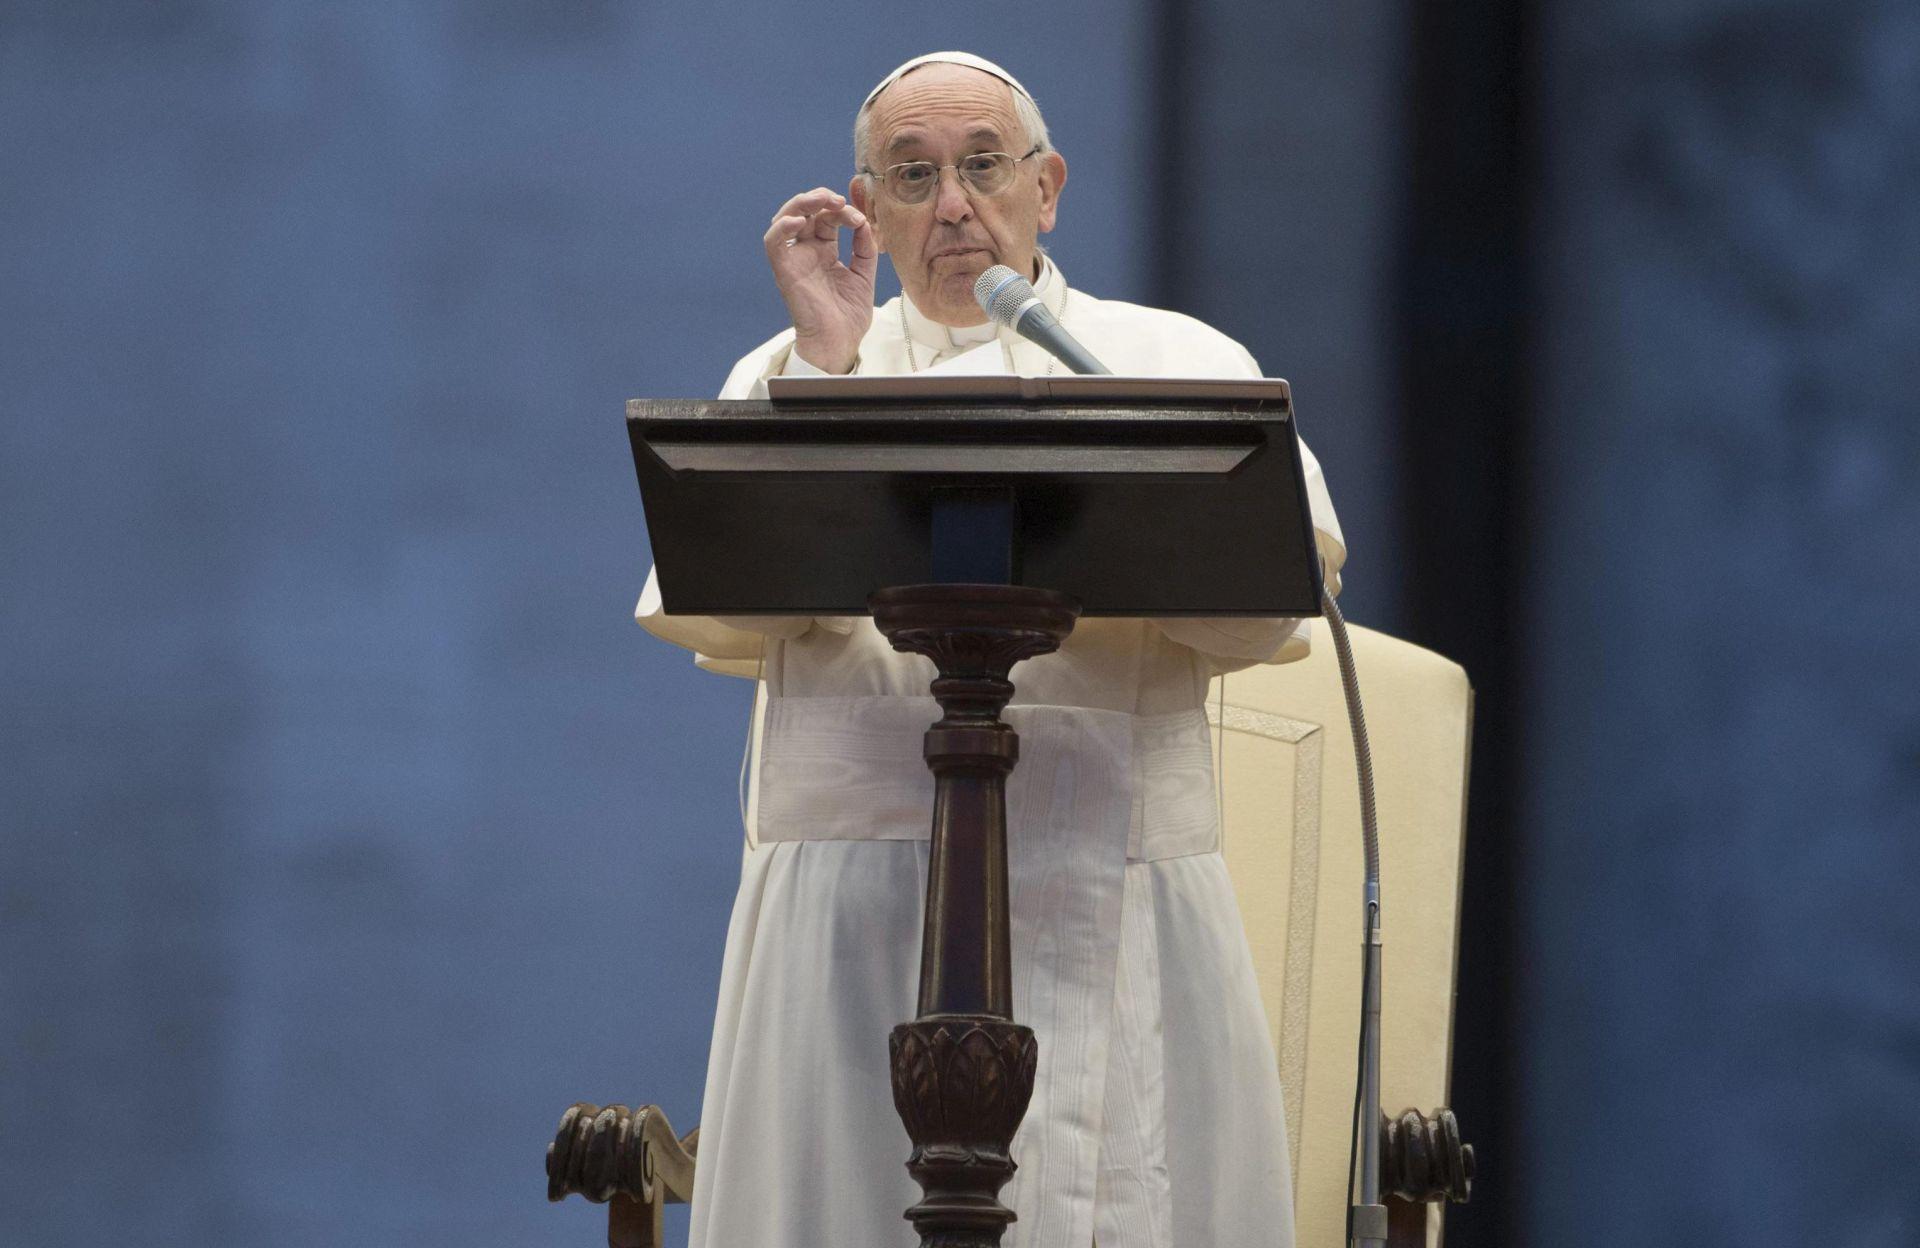 DONACIJE: Papa najavio sakupljanje pomoći za Ukrajinu u europskim zemljama